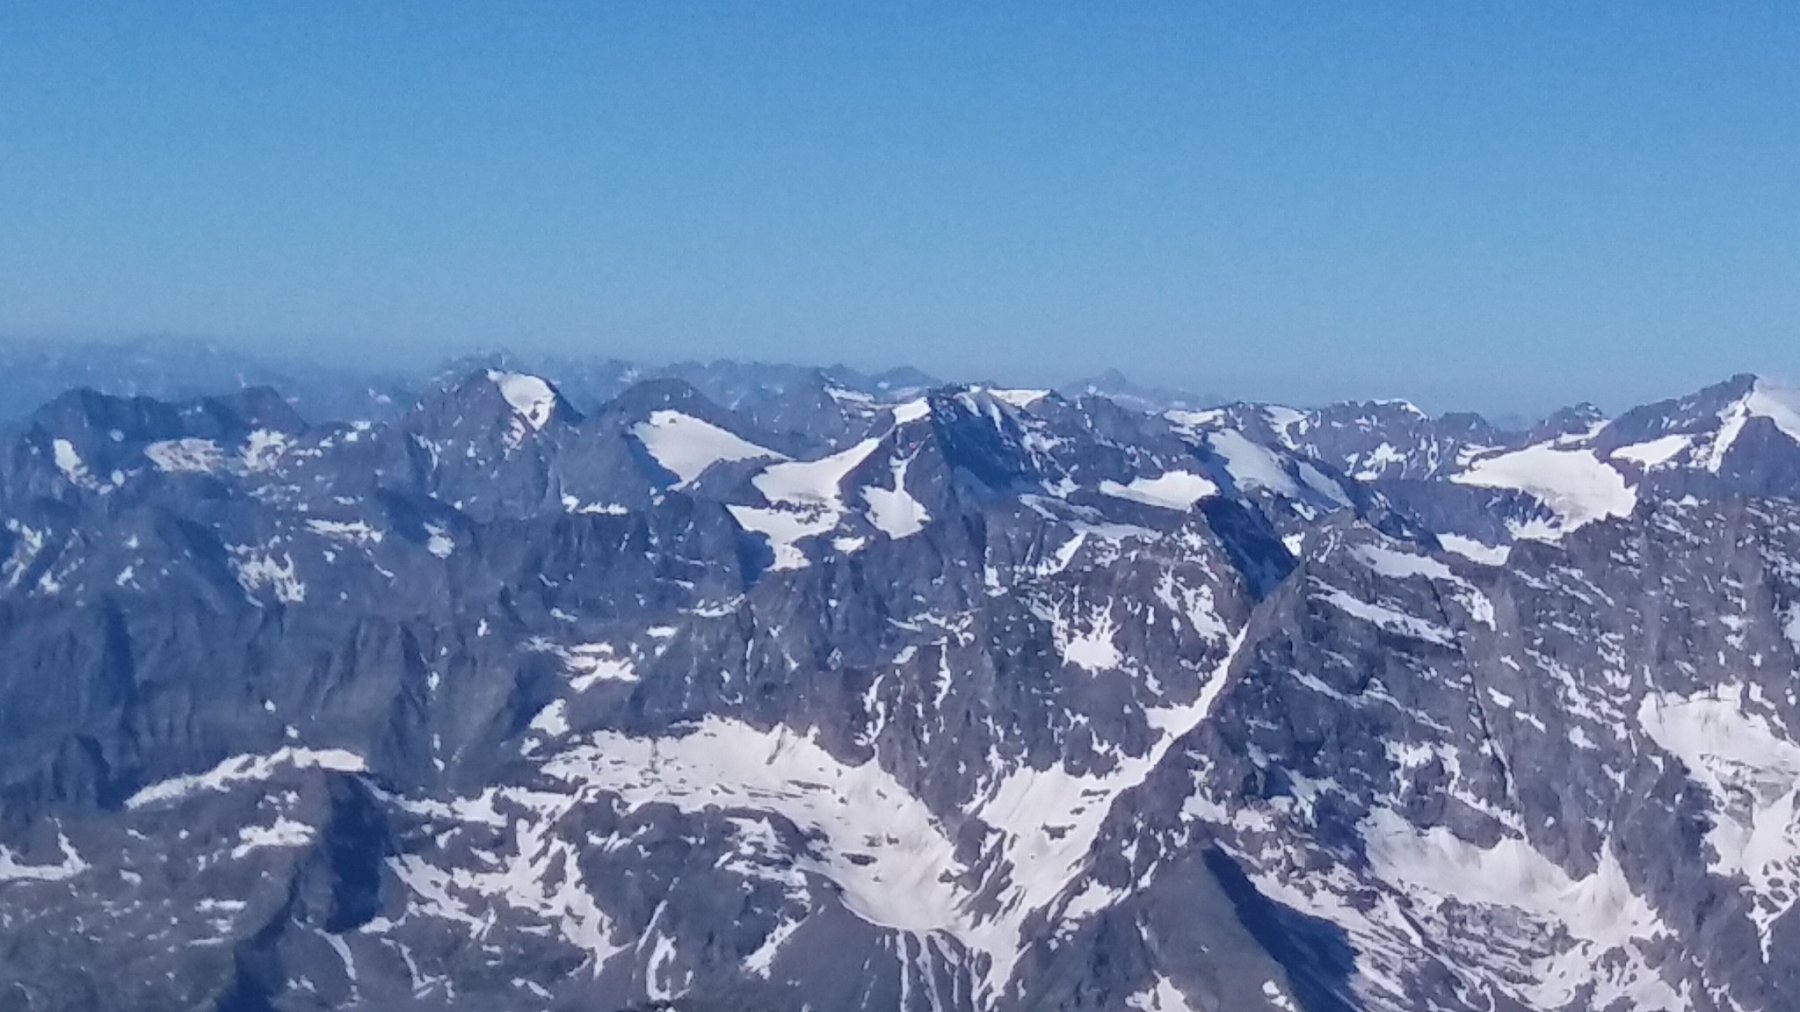 Verso le valli di Lanzo: Croce Rossa, punta d'Arnas e Ciamarella a centro foto